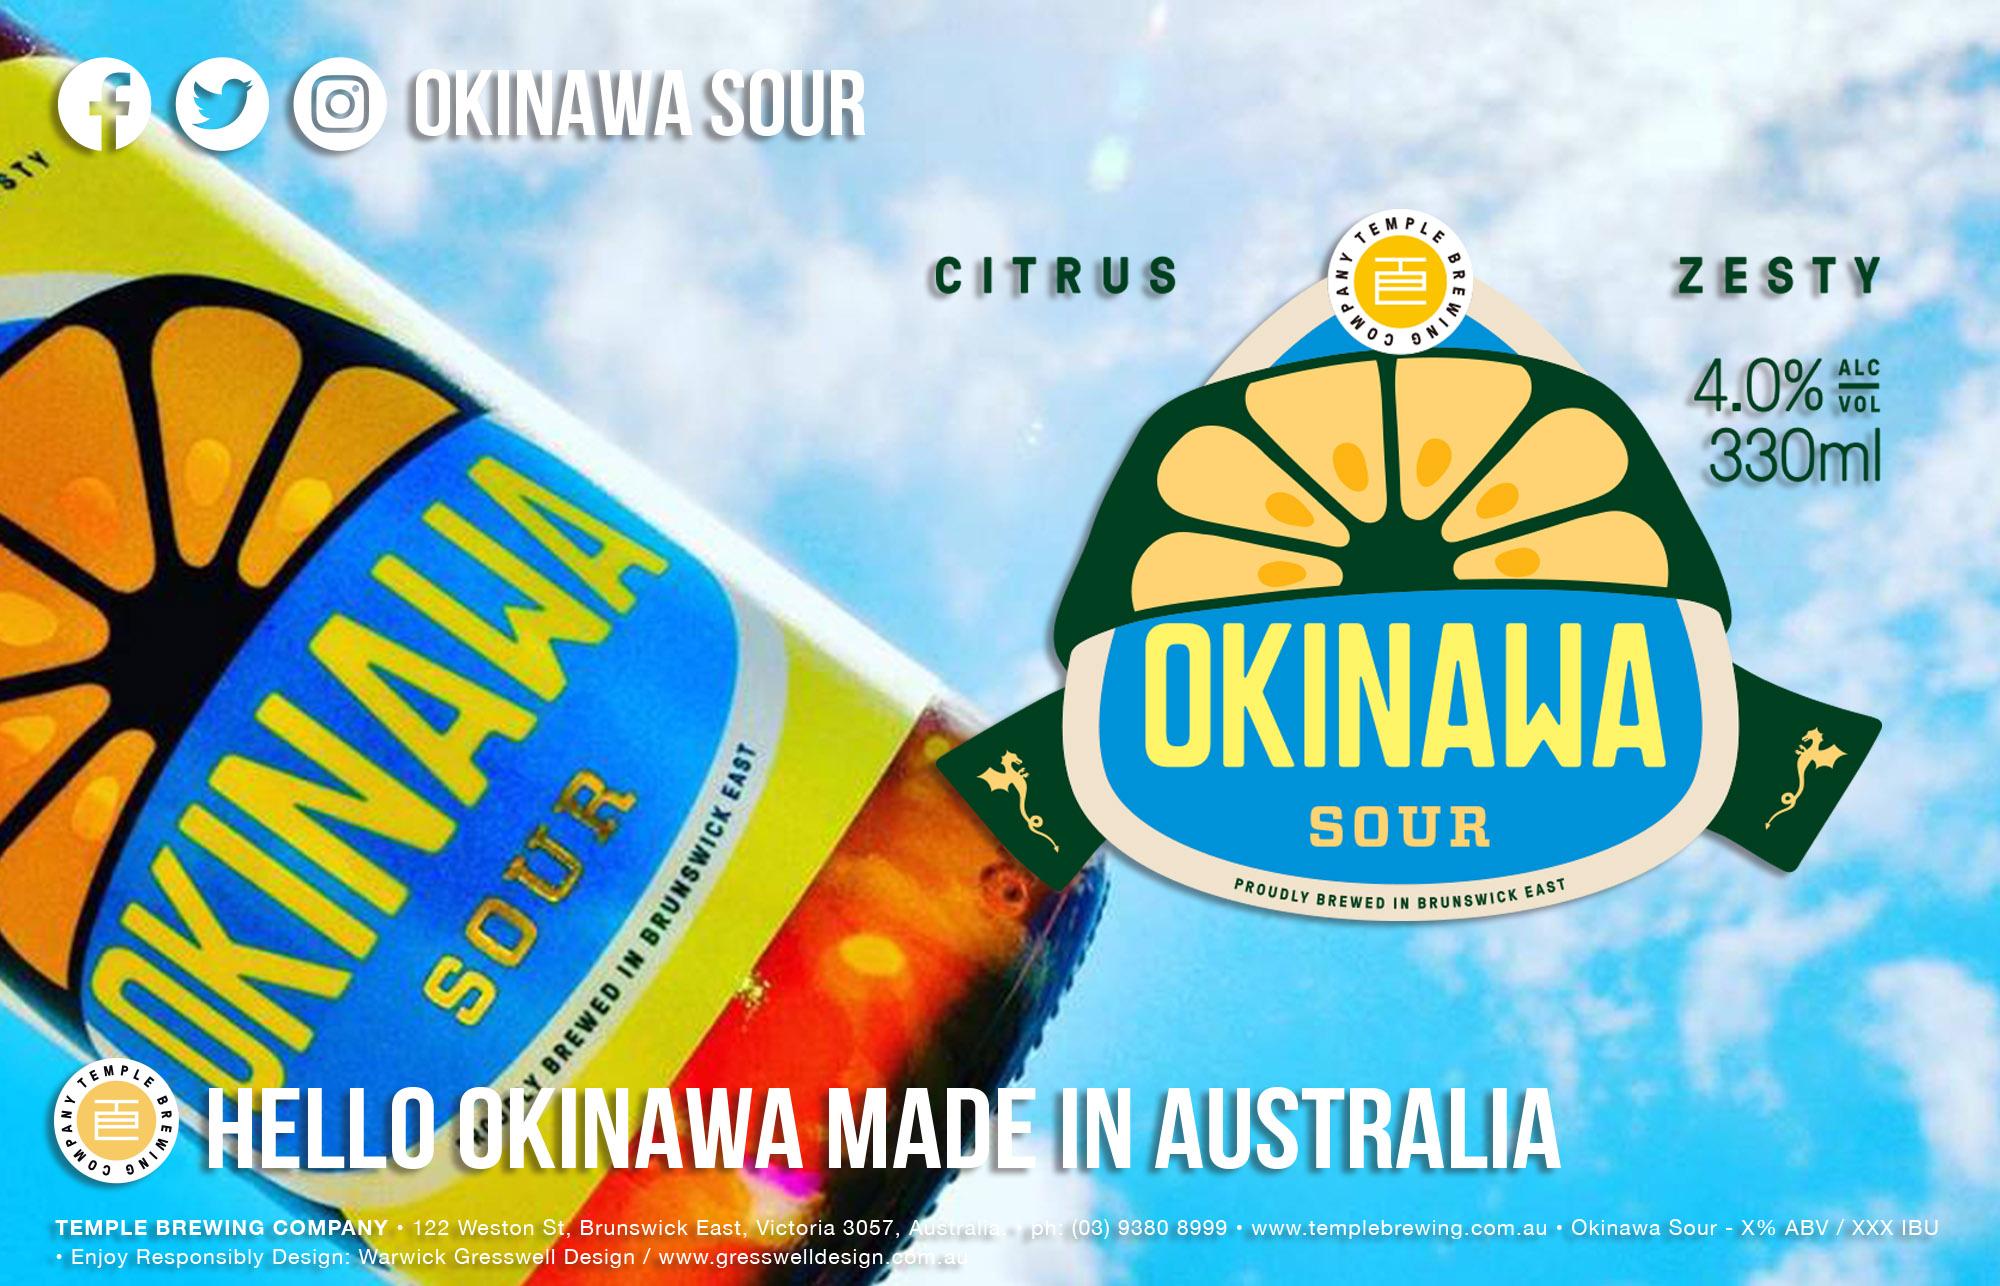 OKINAWA SOUR - オキナワサワー - オーストラリアよりオキナワに凱旋したサワービール